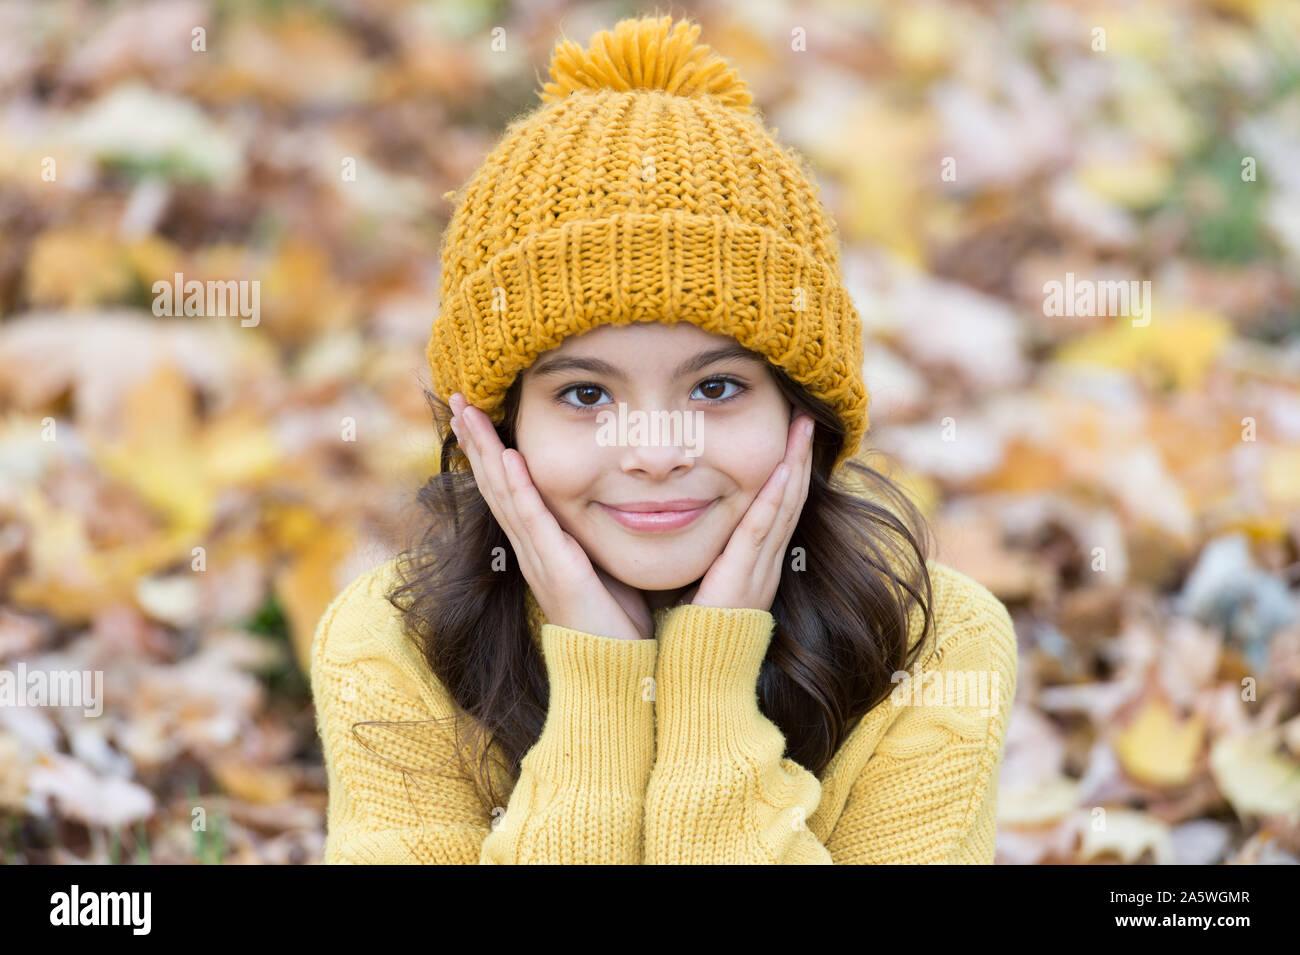 Warme wollmütze Zubehör. Mädchen lange Haare glückliches Gesicht Herbst Natur Hintergrund. Schöne Saison. Wärmsten halten in diesem Herbst. Kind in gelben Hut im Freien. Herbst Skin Care Routine. Kid tragen Sie warme Strickmütze. Stockfoto